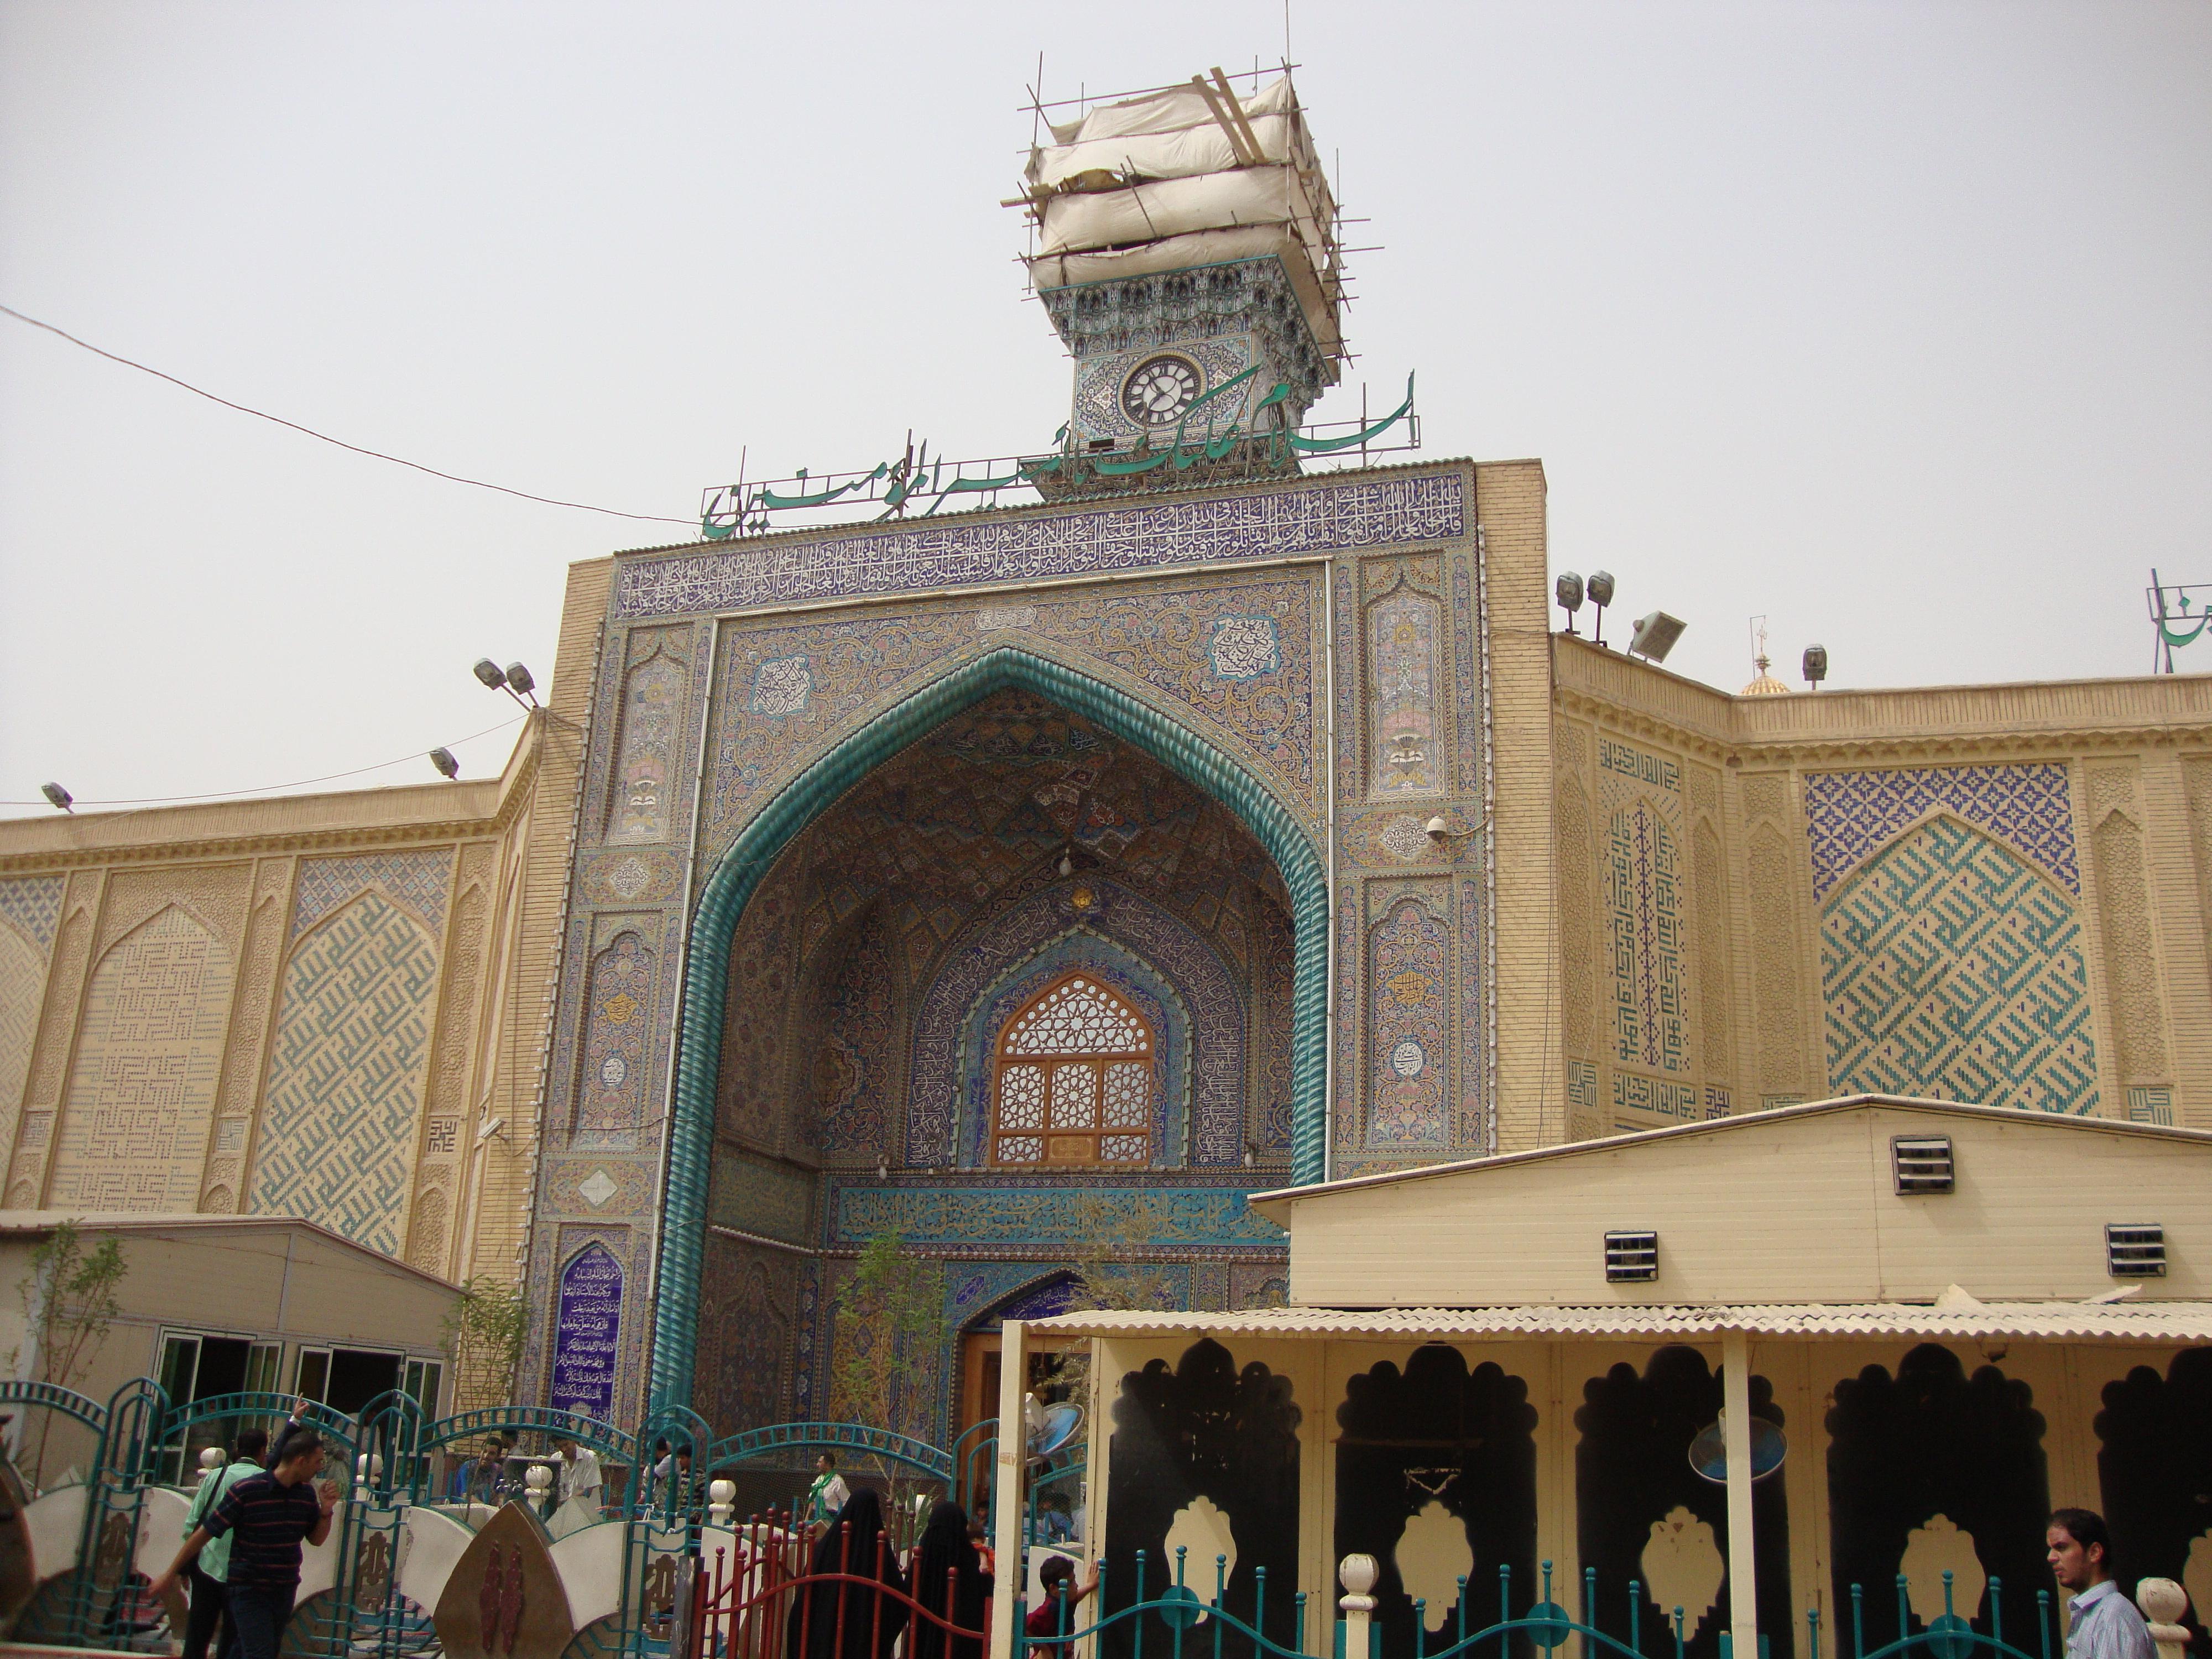 Maula Ali Shrine Wallpaper: File:Imam Ali Shrine (6).jpg